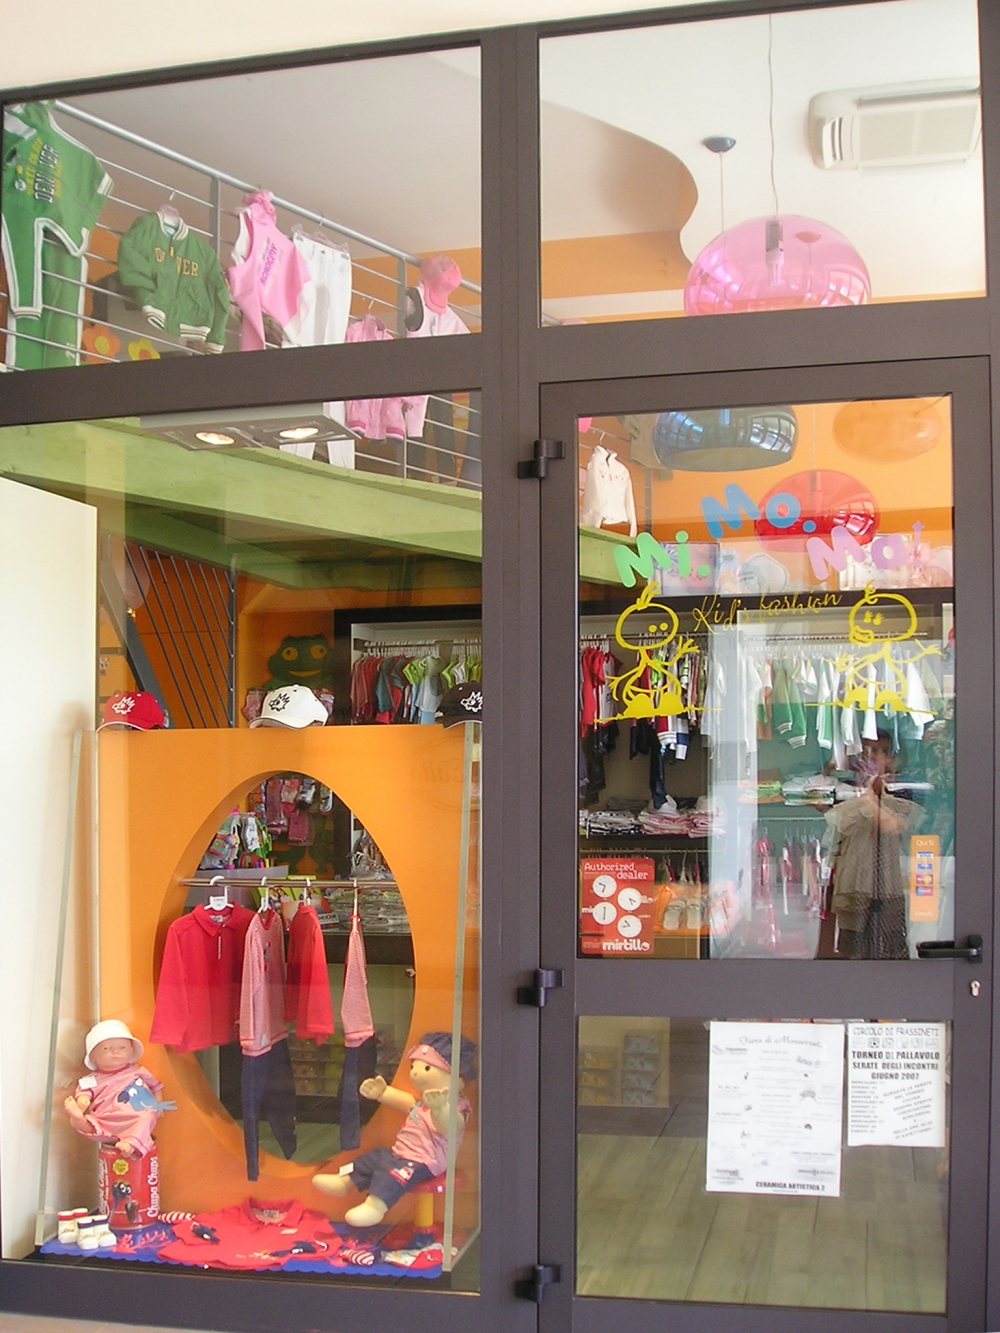 Arredamento Negozi Modena.Arredamento Negozio Abbigliamento E Accessori Per Bambini